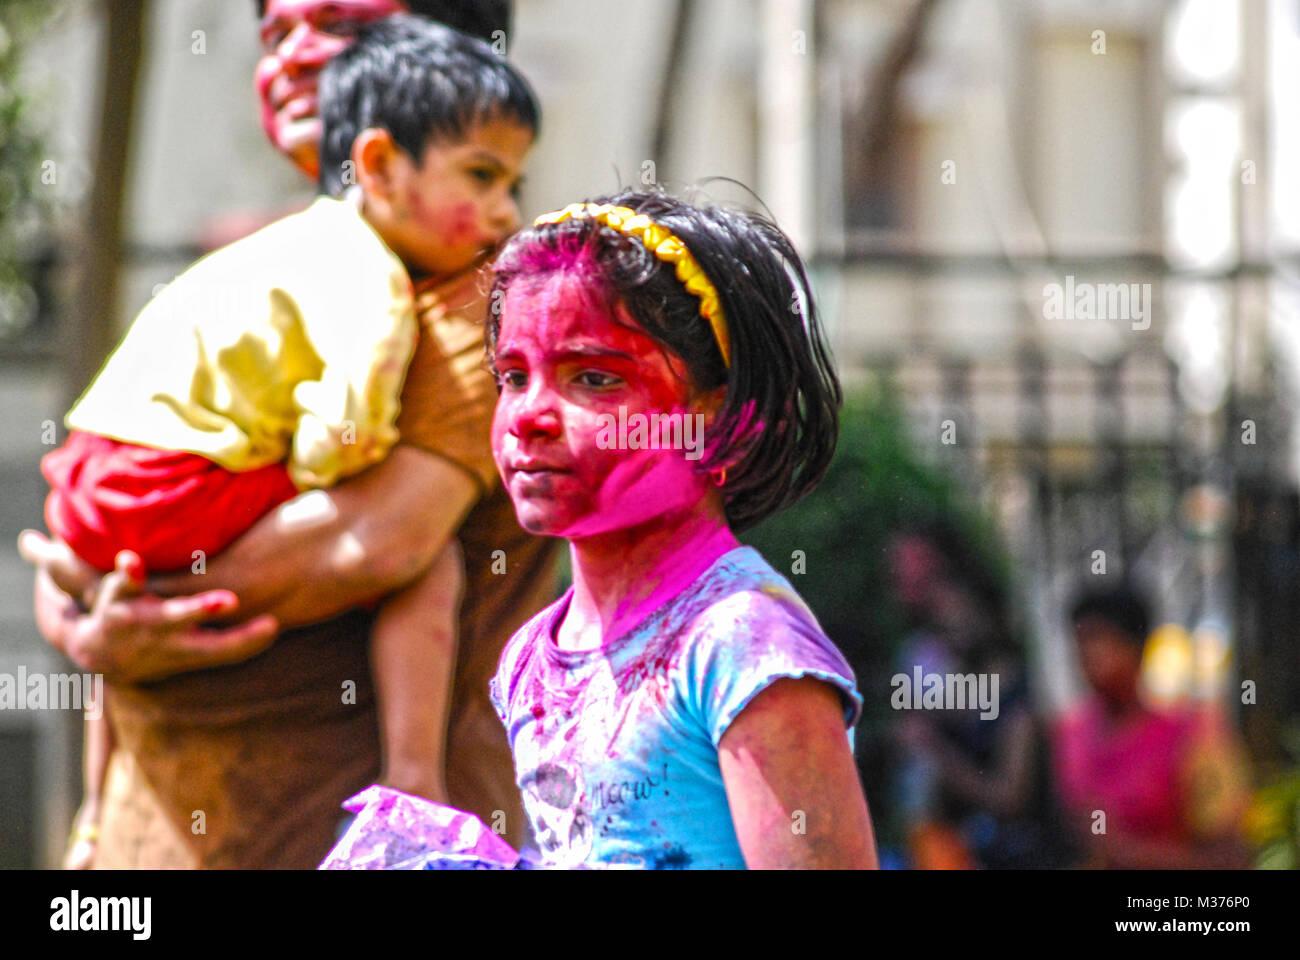 Une jeune fille est couverte dans la peinture en poudre lors de la fête de Holi à Hyderabad, Inde. Photo Stock